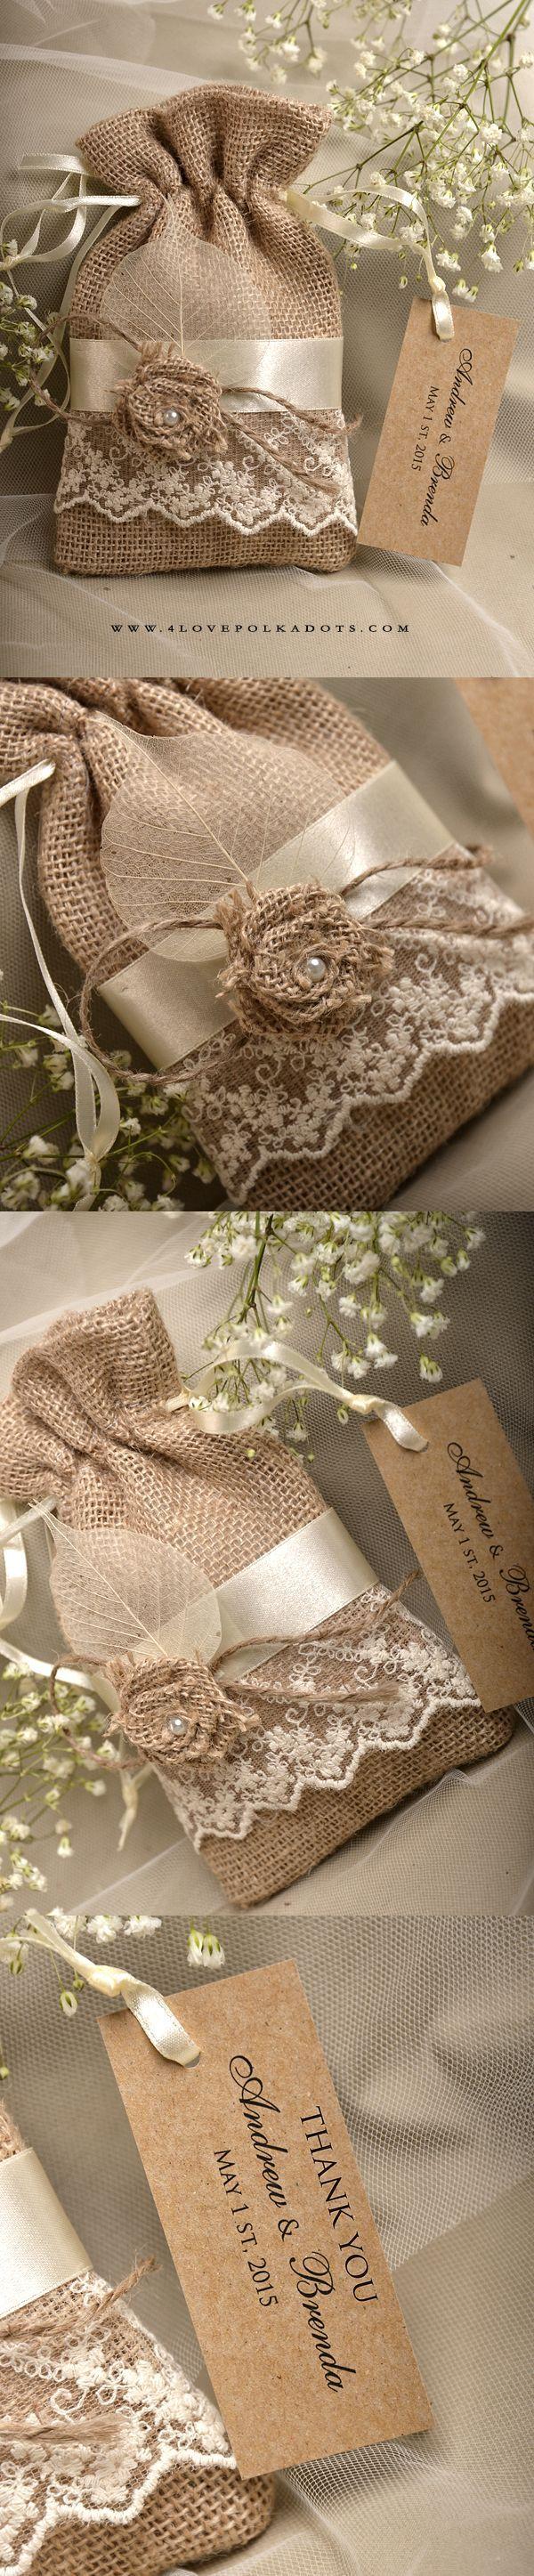 Handmade Burlap Favor Bag #rustic #barn #countrywedding